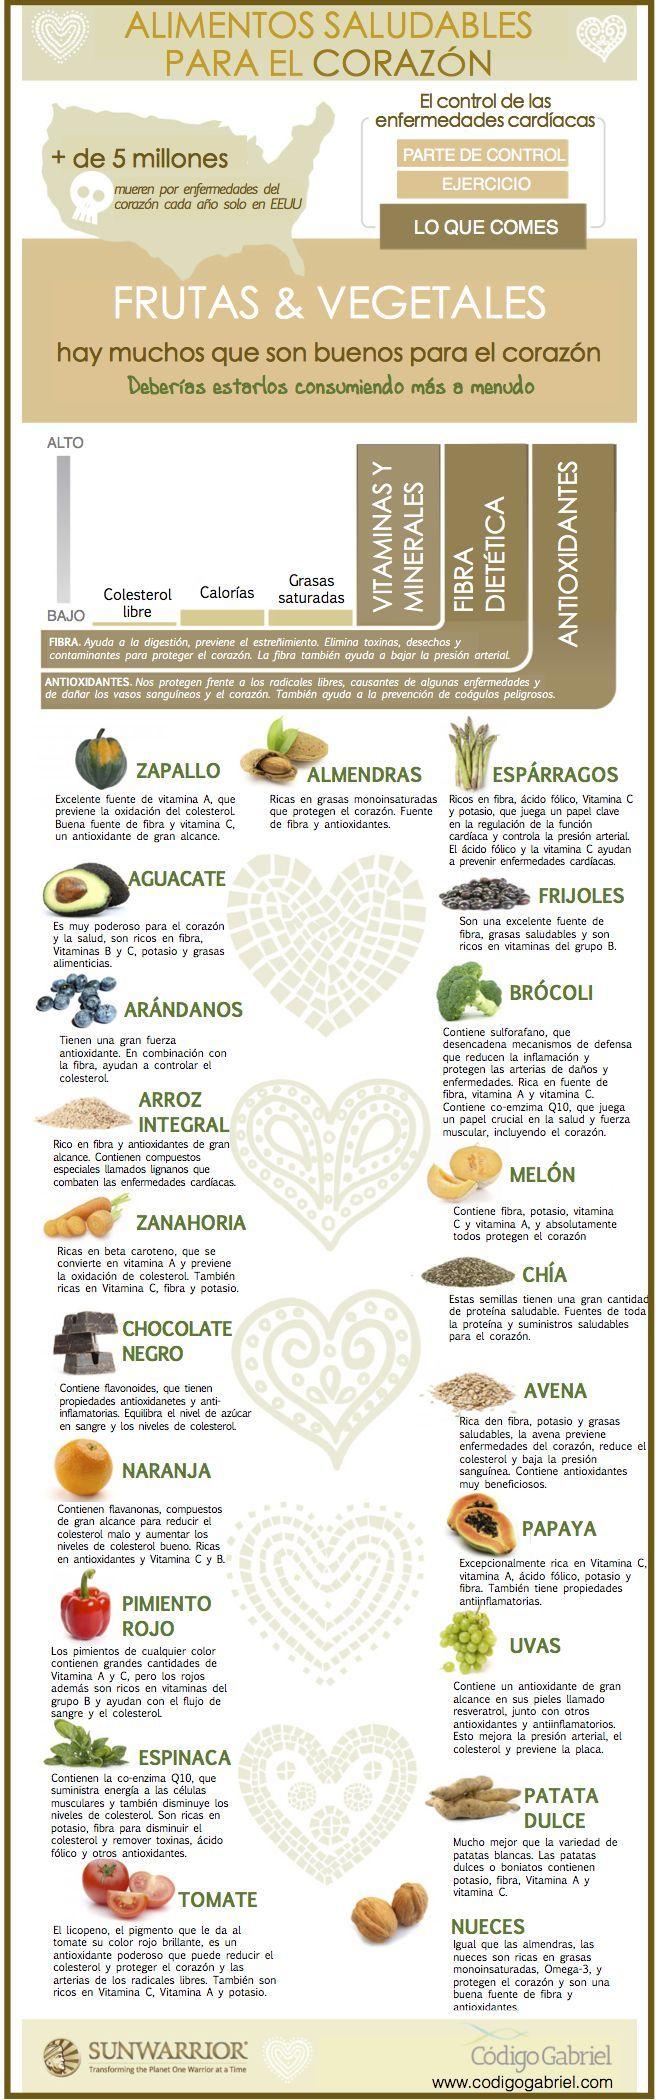 Alimentos saludables para el coraz n pinterest - Alimentos saludables para el corazon ...